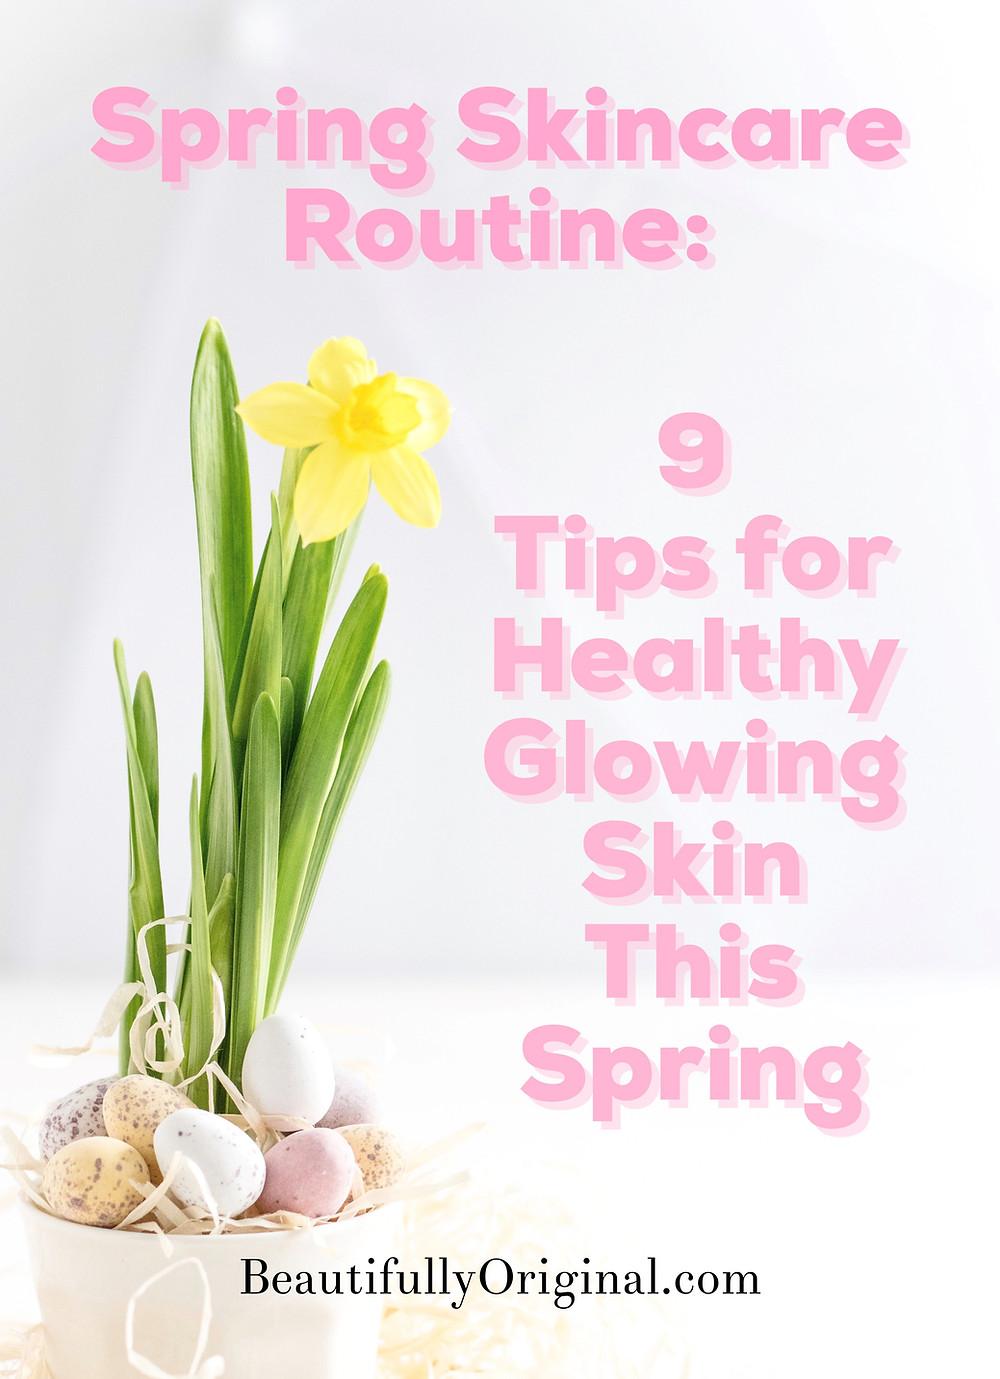 9 Spring Skincare tips by BeautifullyOriginal.com